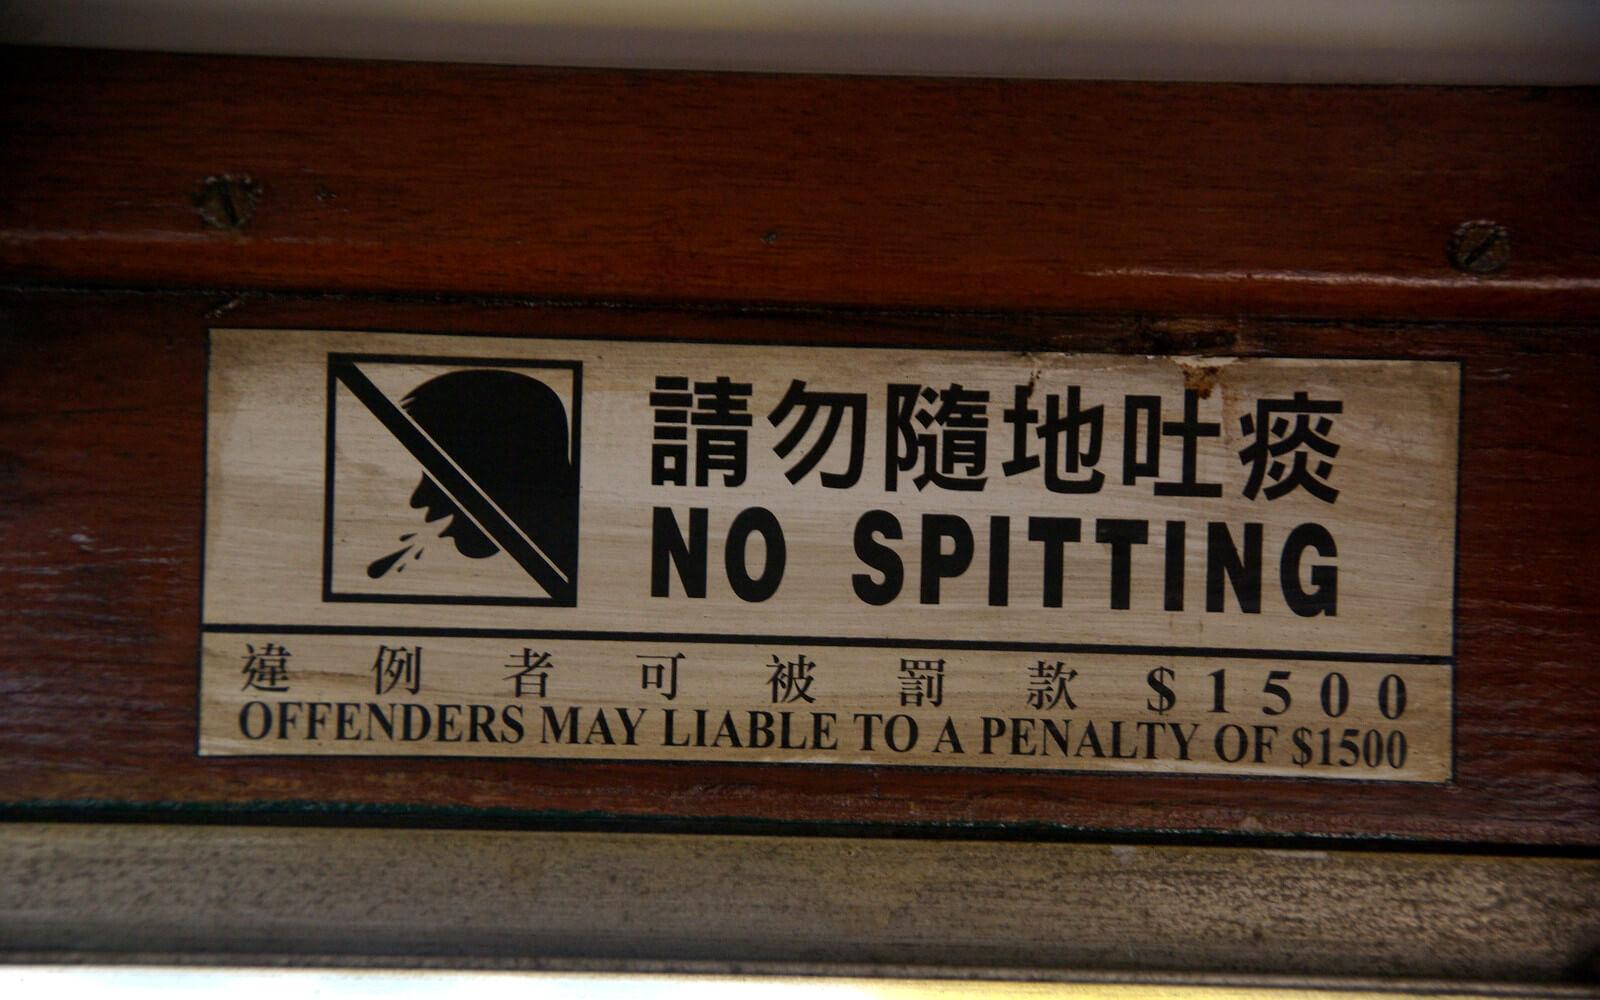 Chinesische Esskultur: No spitting!